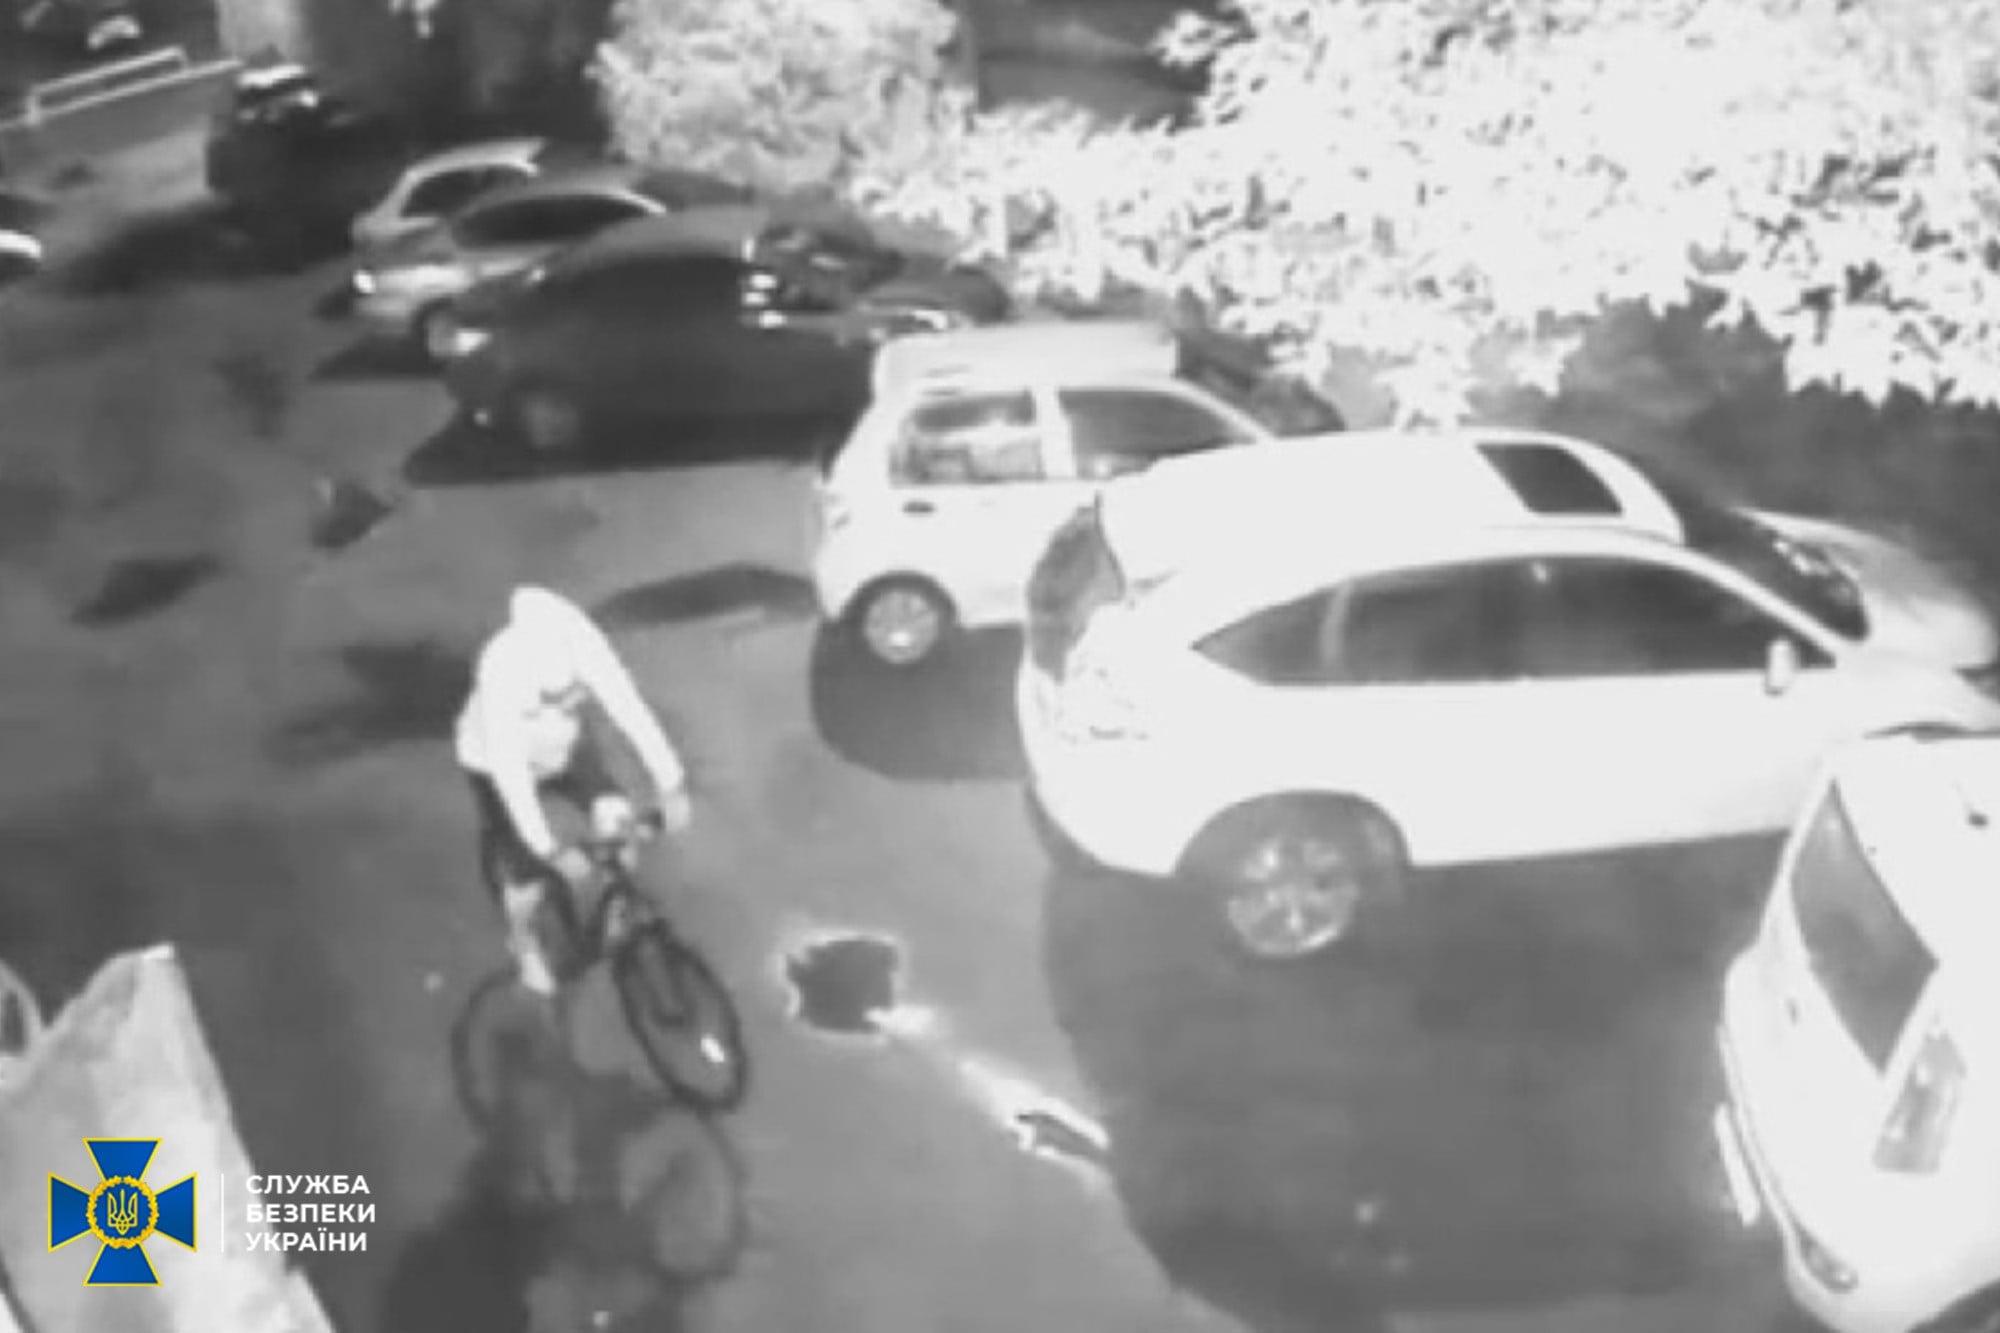 Обстріл телеканалу 112: Семенченку повідомили підозру в організації теракту